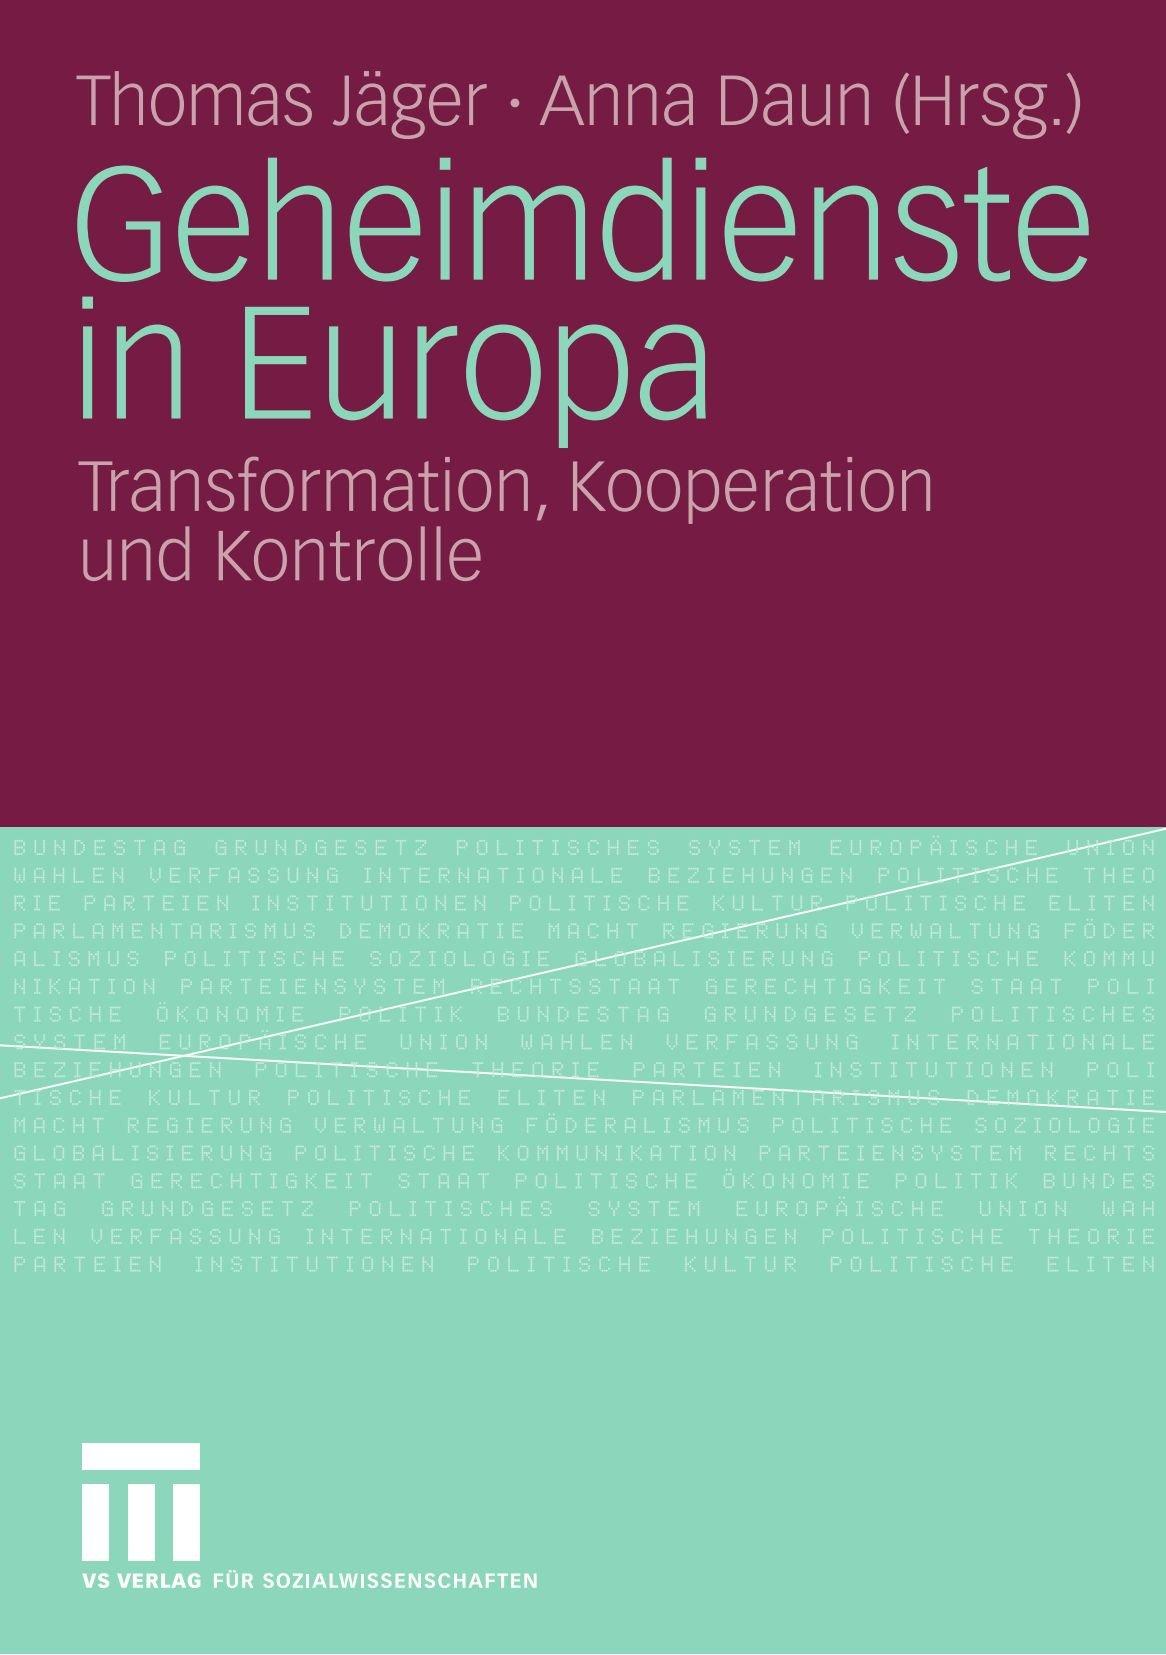 Geheimdienste In Europa: Transformation, Kooperation und Kontrolle (German Edition)